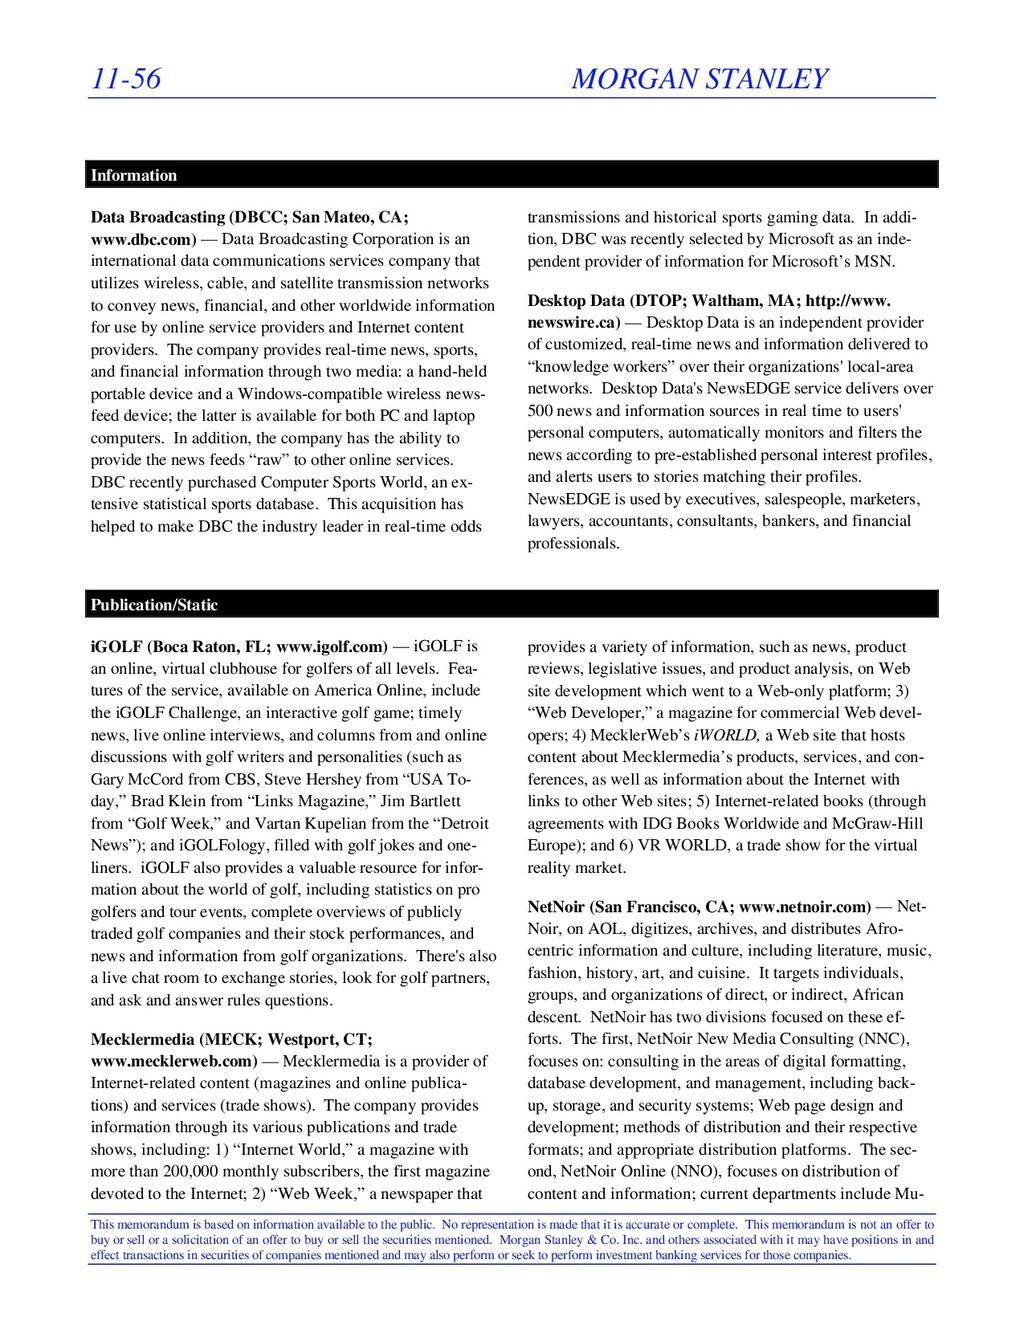 11-56 MORGAN STANLEY This memorandum is based o...